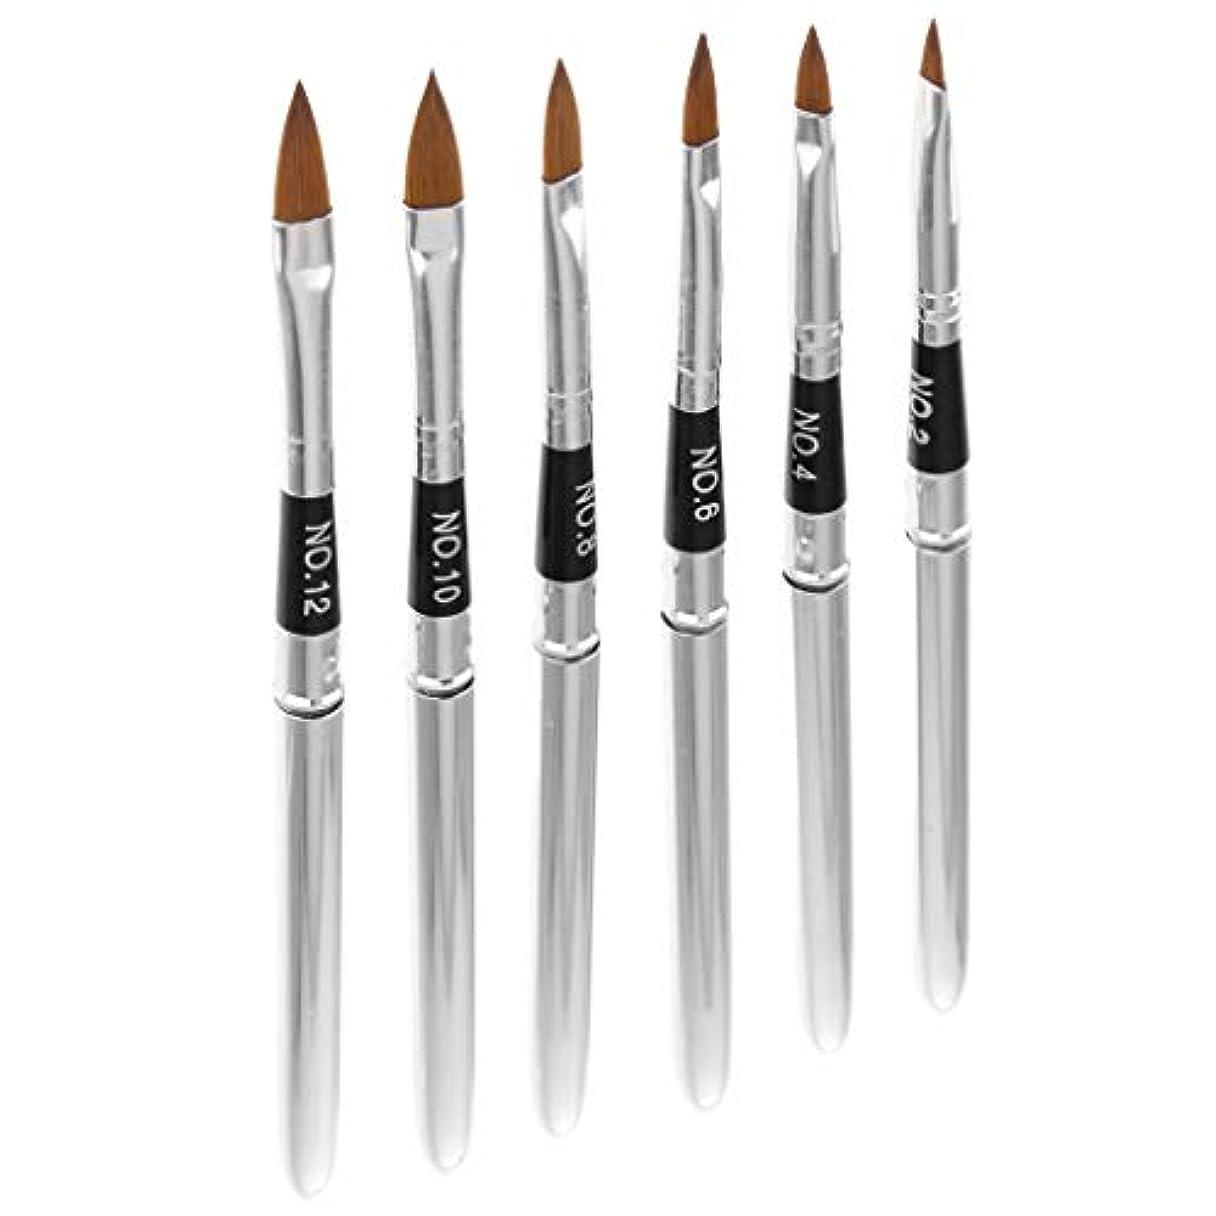 アラスカコーヒー盗難DYNWAVE ネイルアートペン ペンブラシ ネイルブラシ 3D 絵画ペン ネイルデザイン ツール 6個入り